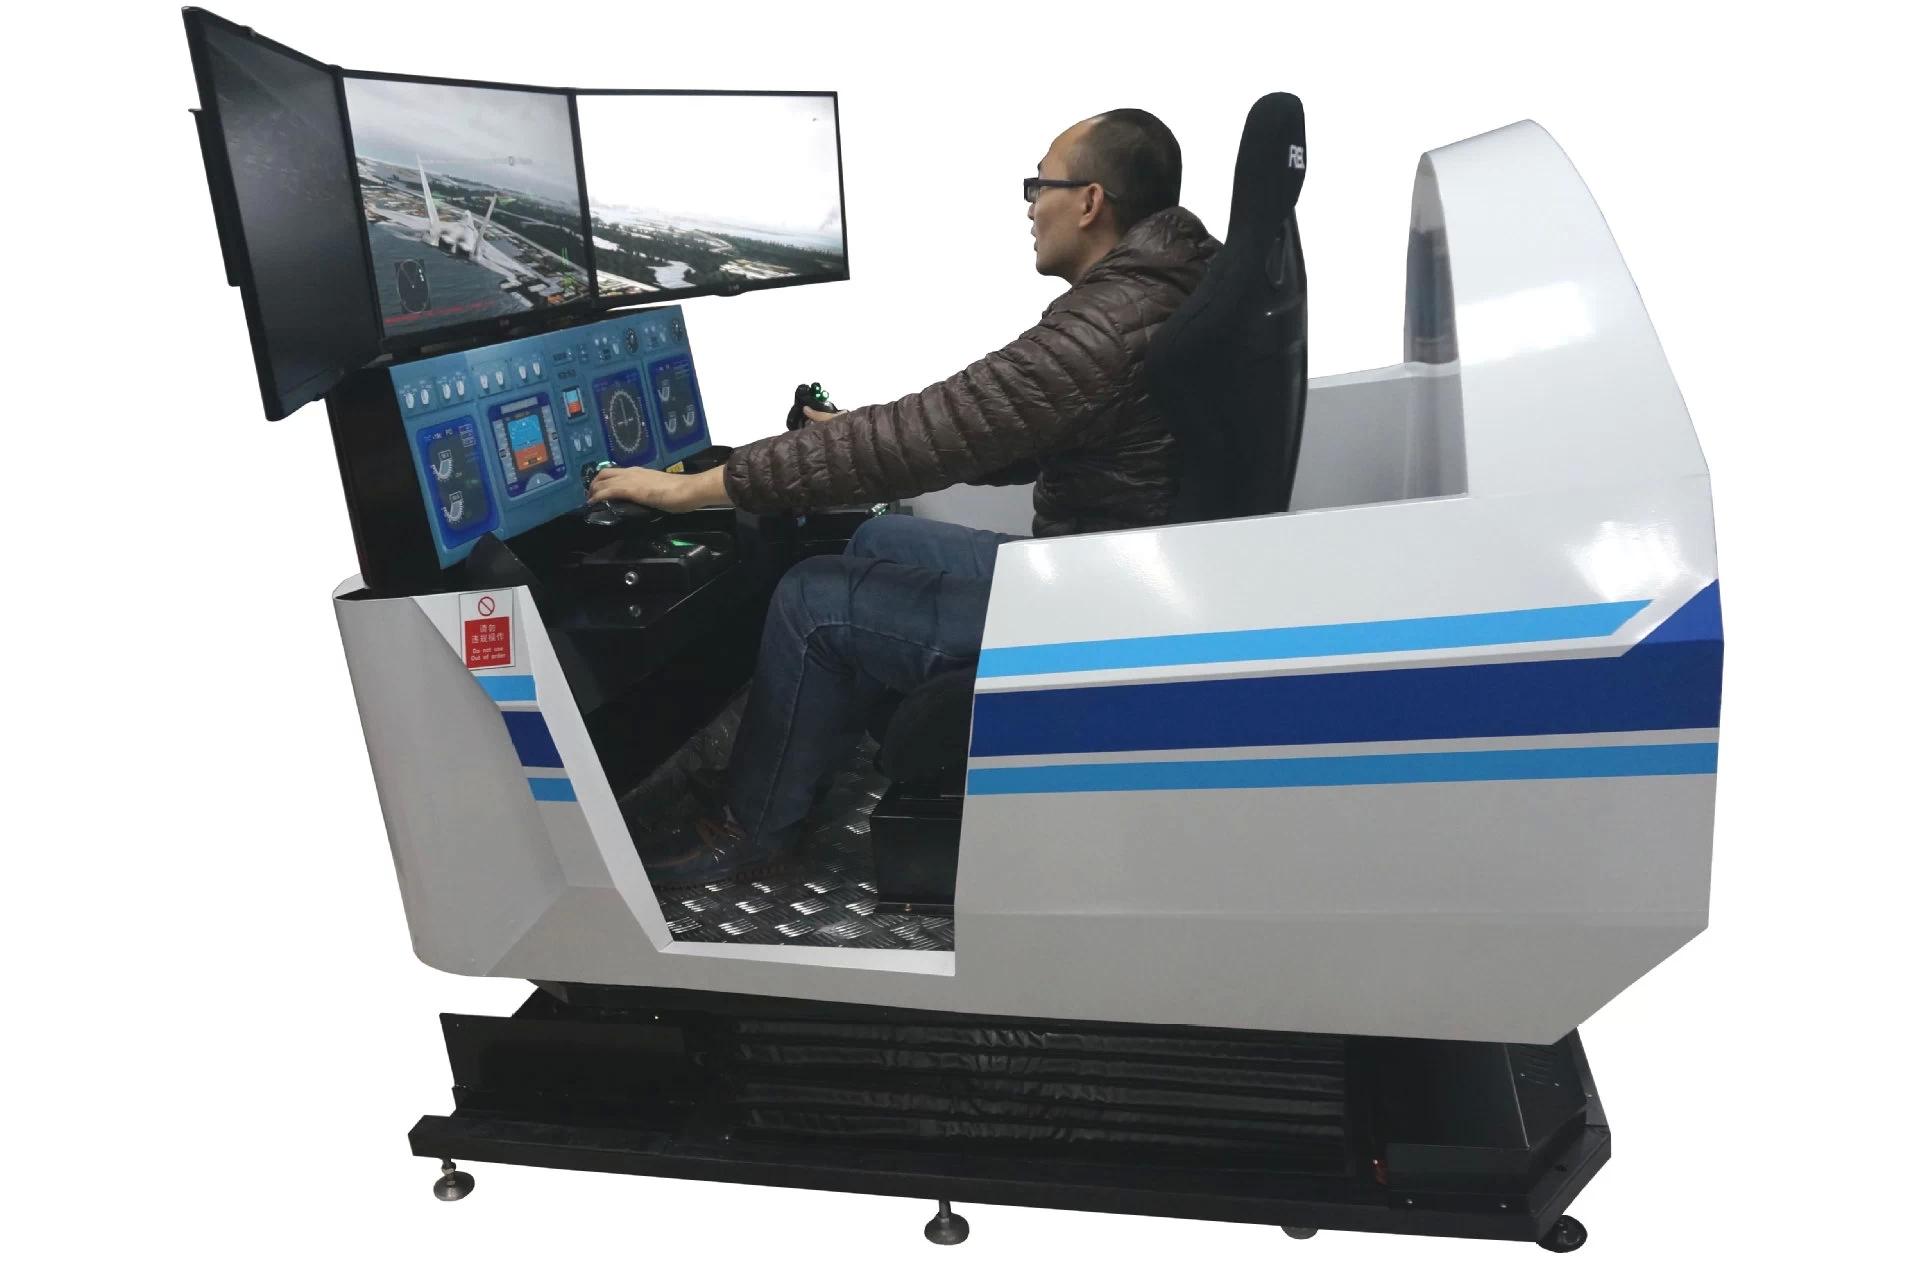 一、产品介绍 全动感战斗机飞行模拟器采用3自由度电动缸动感平台,赛车方向盘,42寸3D电视,高配置游戏电脑一套。 计算机配置要求:  2G以上内存(推荐配置4GB内存);  CUP主频2.6GHz以上(推荐配置3.0GHz);  硬盘空余空间4G以上;  显示器最低支持1280*768分辨率/支持扩充独立显卡;  支持操作系统有:Windows2000、WindowsXP、Windows Vista、Windows7,推荐(Windows7)。 游戏支持: 微软模拟飞行、F-22、X-Plane、